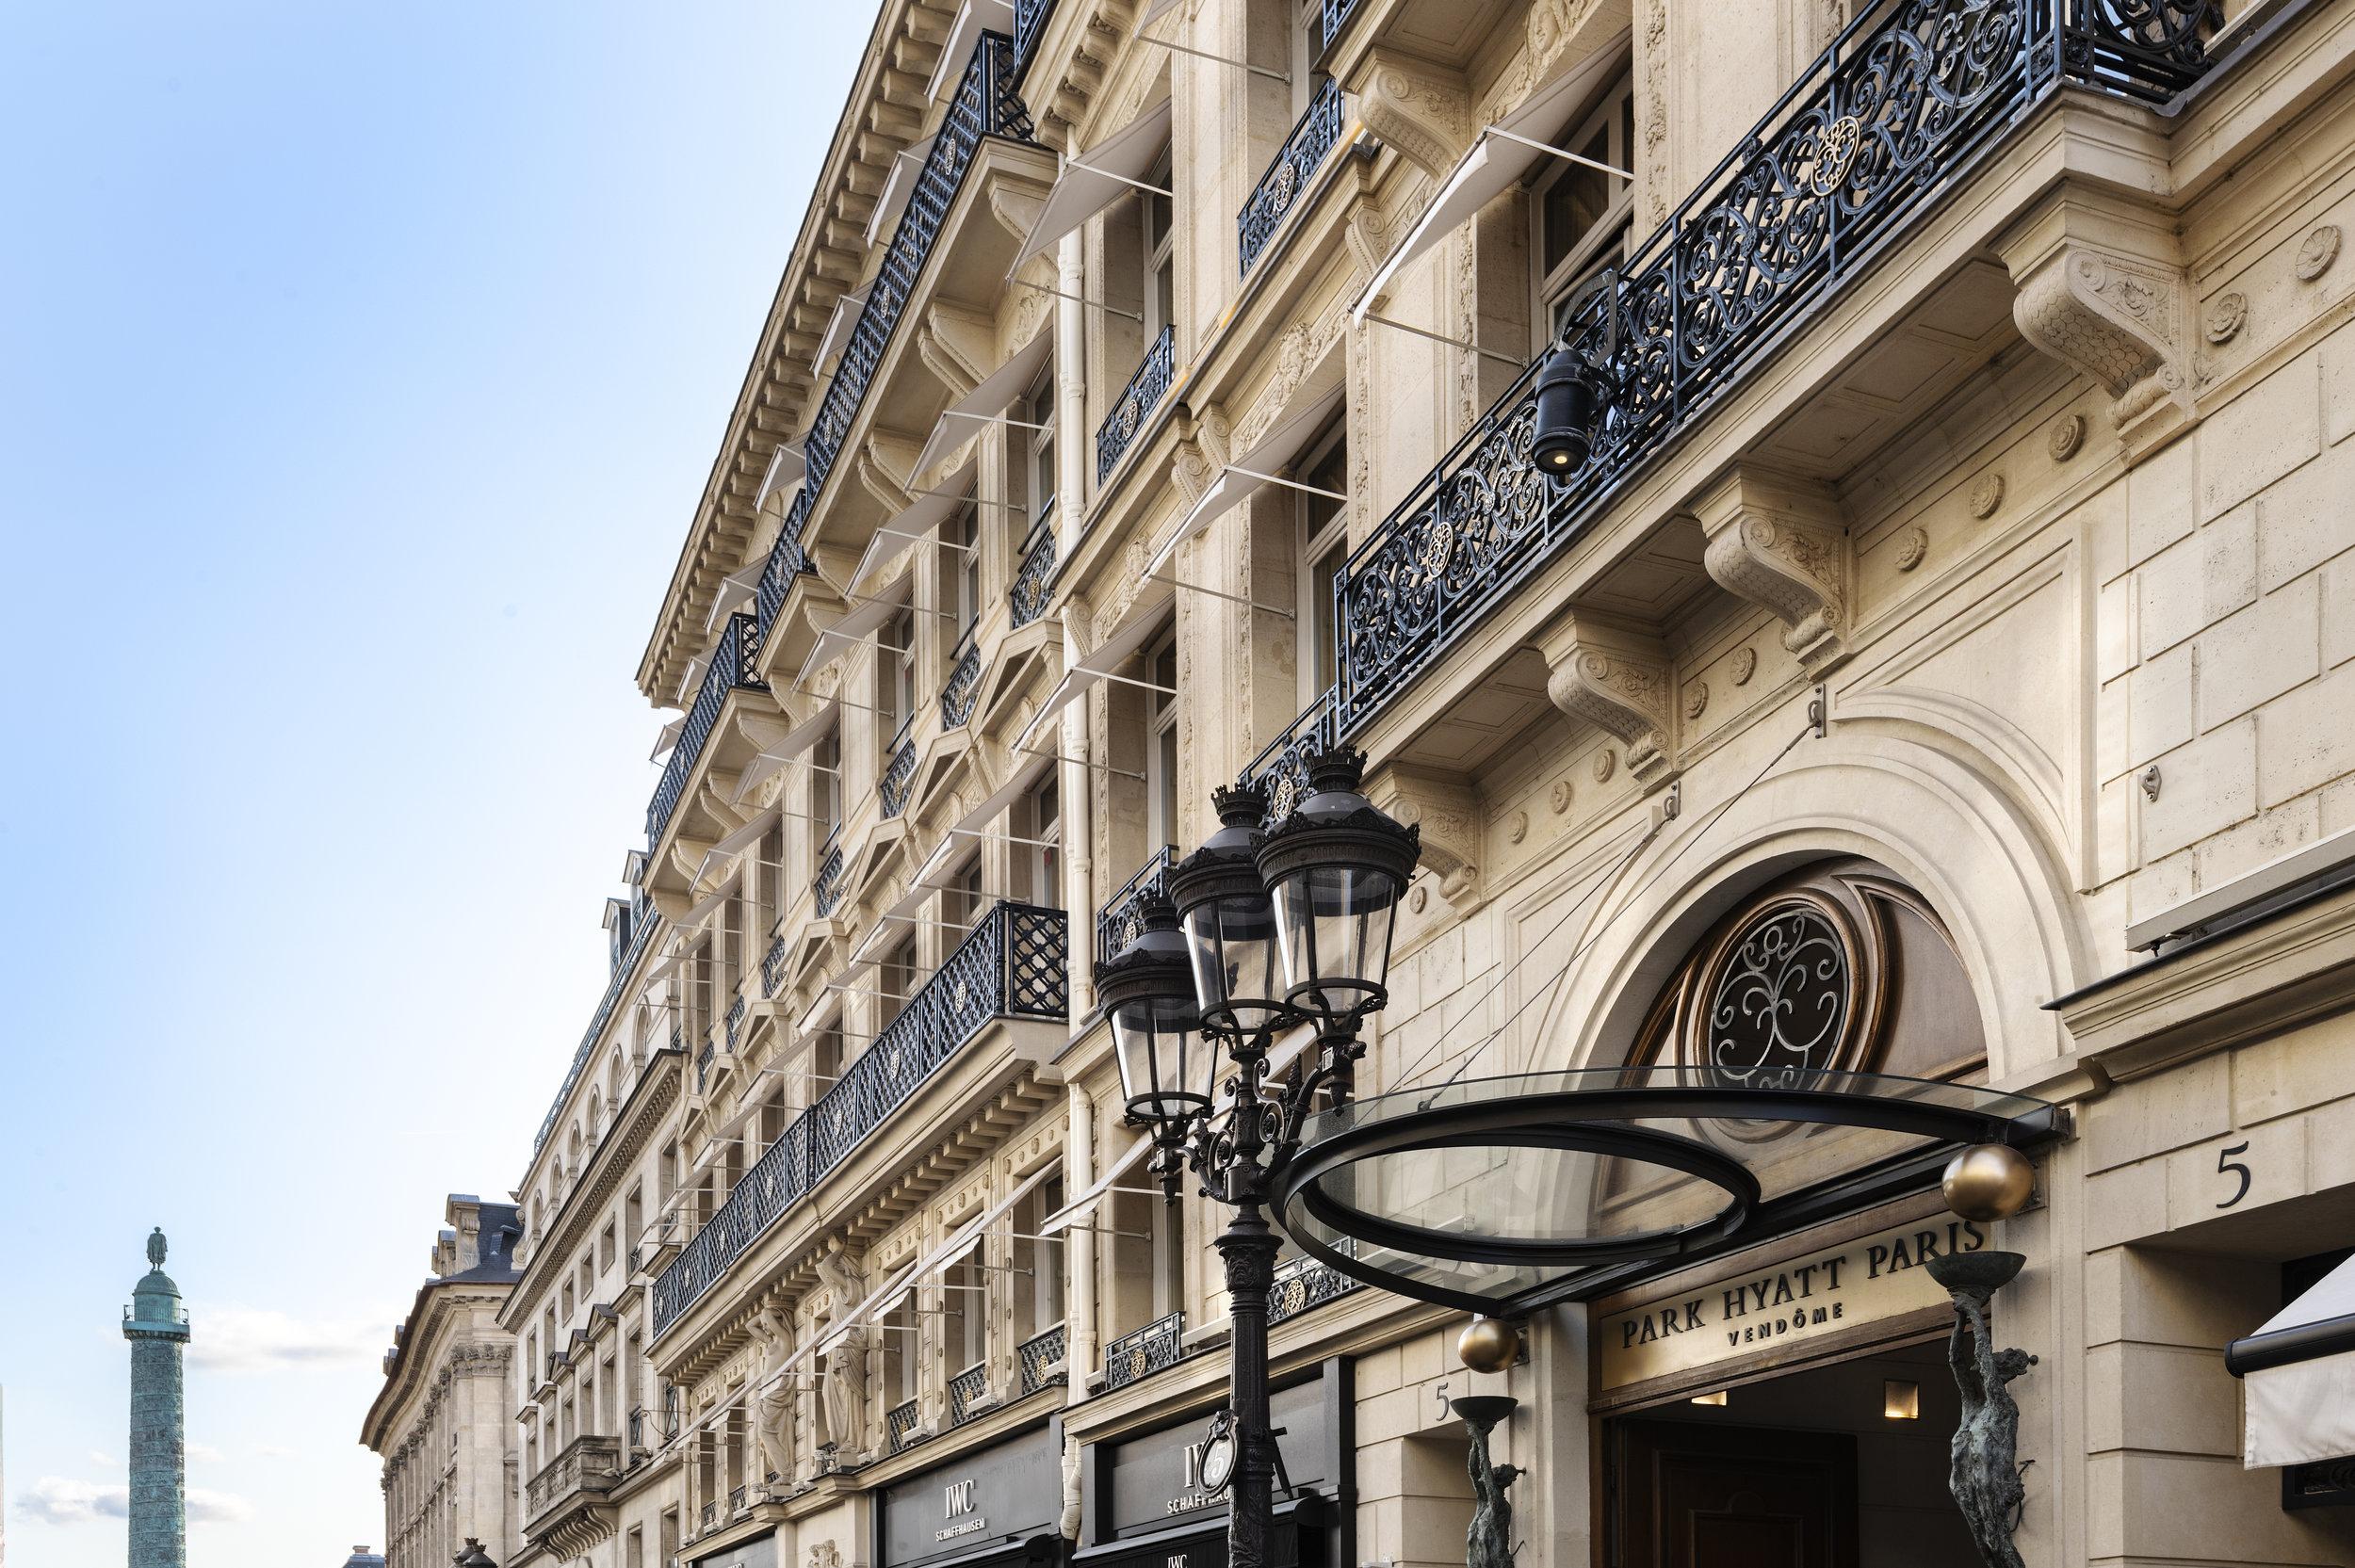 Park Hyatt Paris-Vendome - Facade.jpg